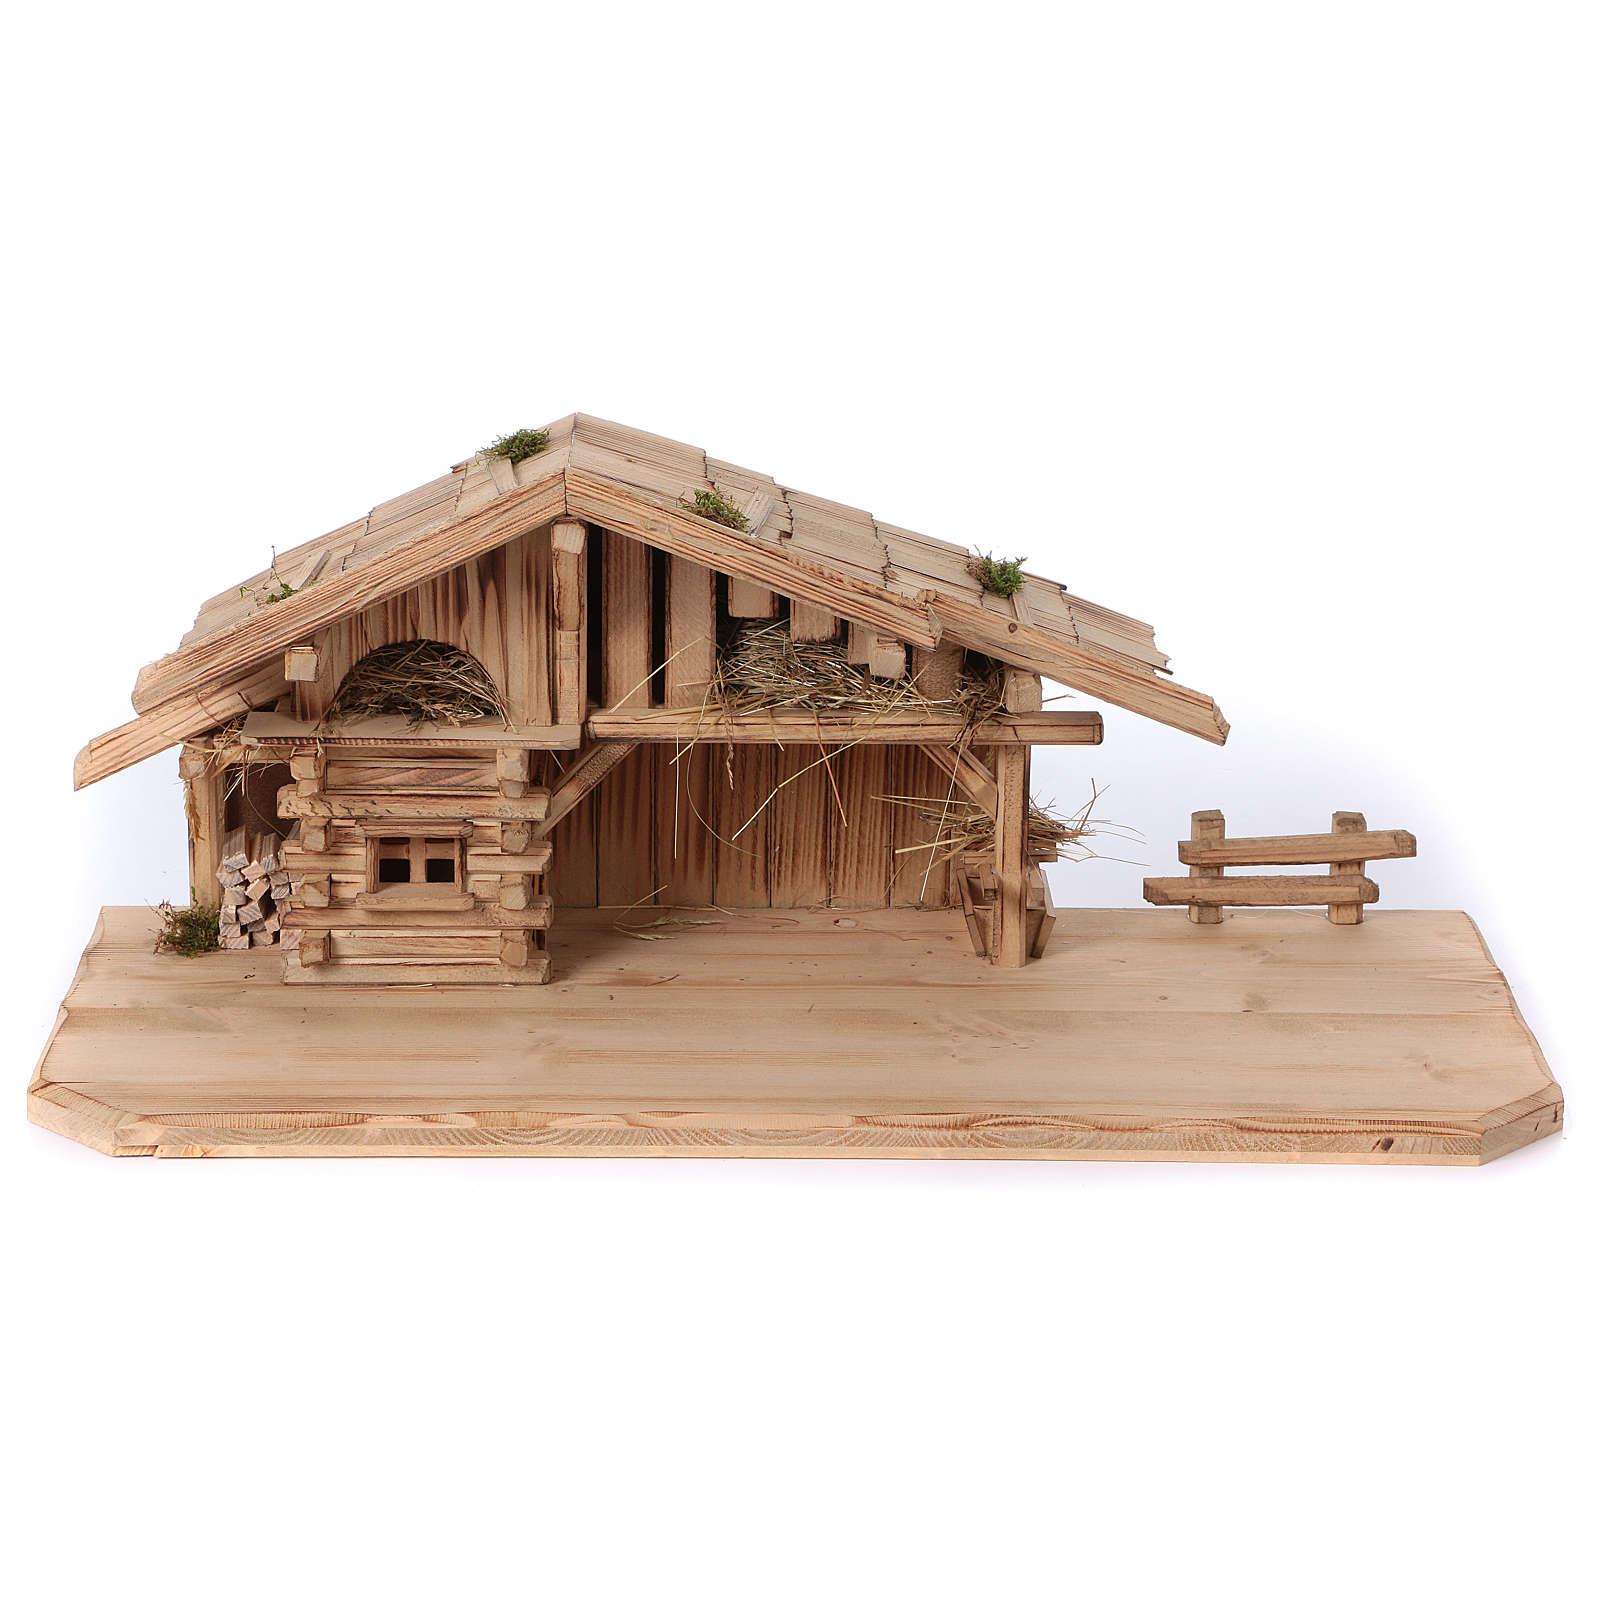 Étable modèle Plosberg en bois pour crèche 9-11 cm